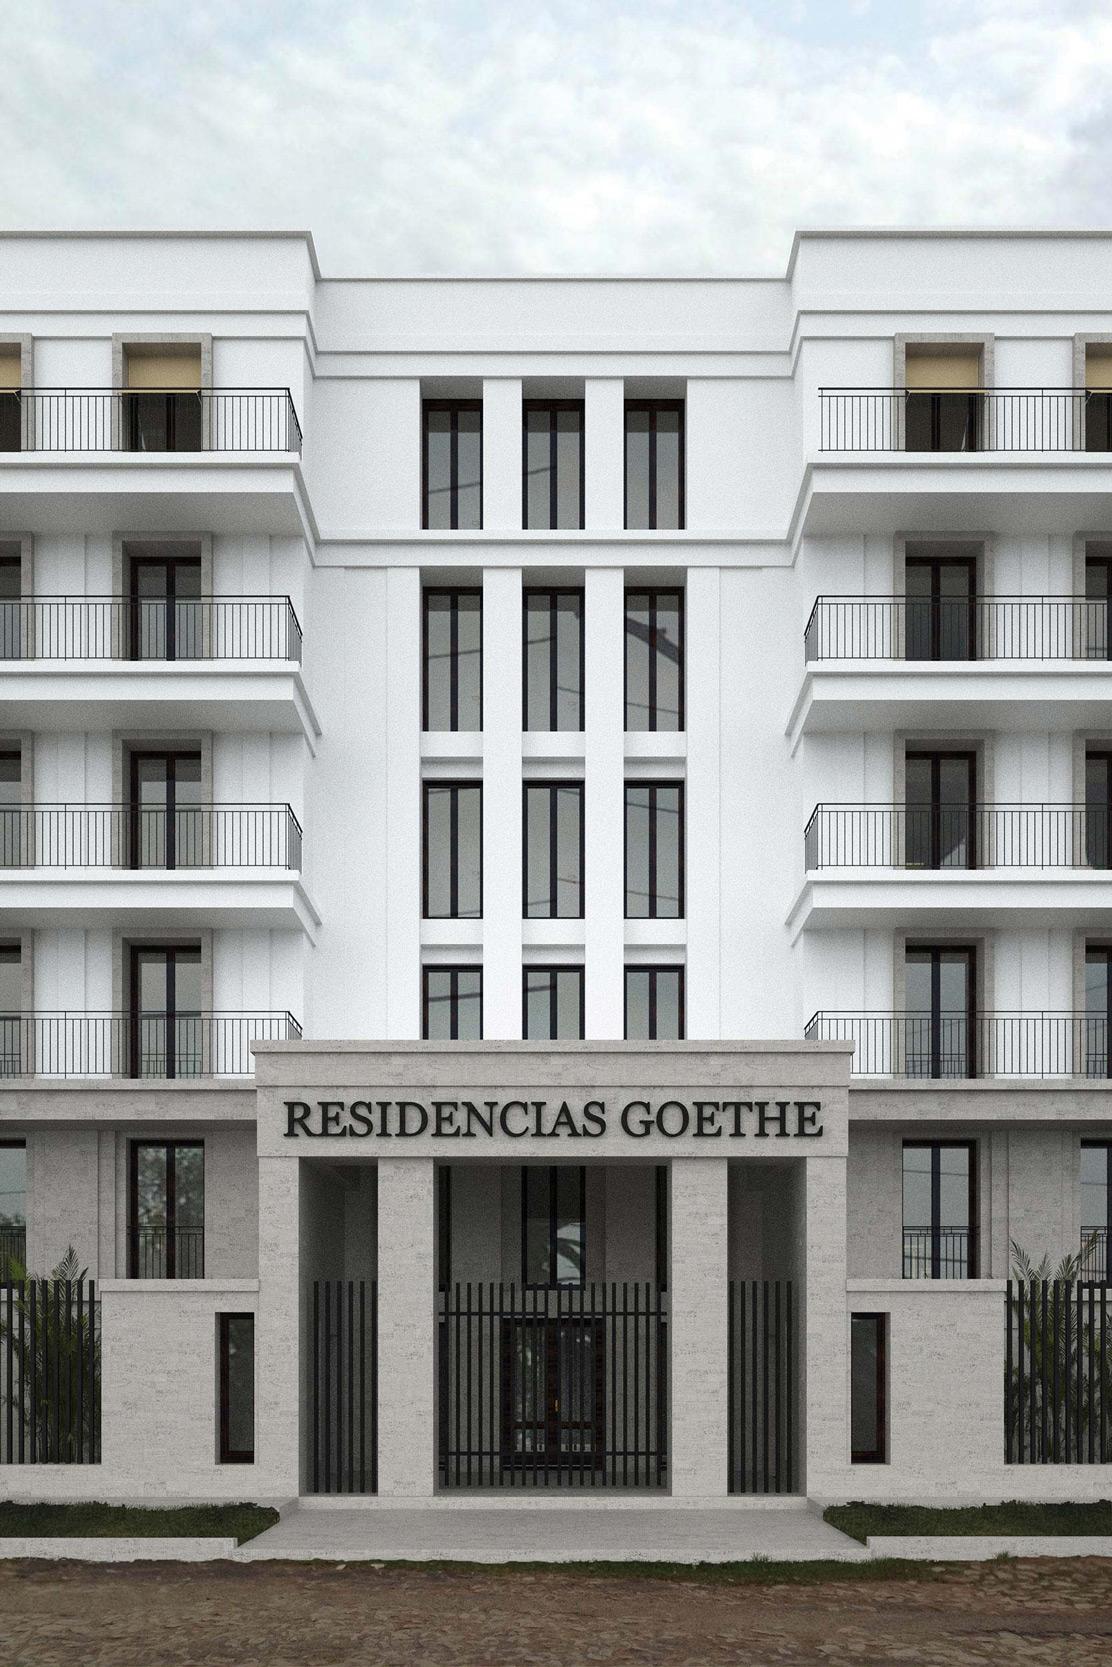 GOETHE RESIDENZEN - Neubau eines Appartementhauses mit exklusiven Wohnungen - Das Eingangsportal der Gated Apartments wirkt klassisch und repräsentativ.